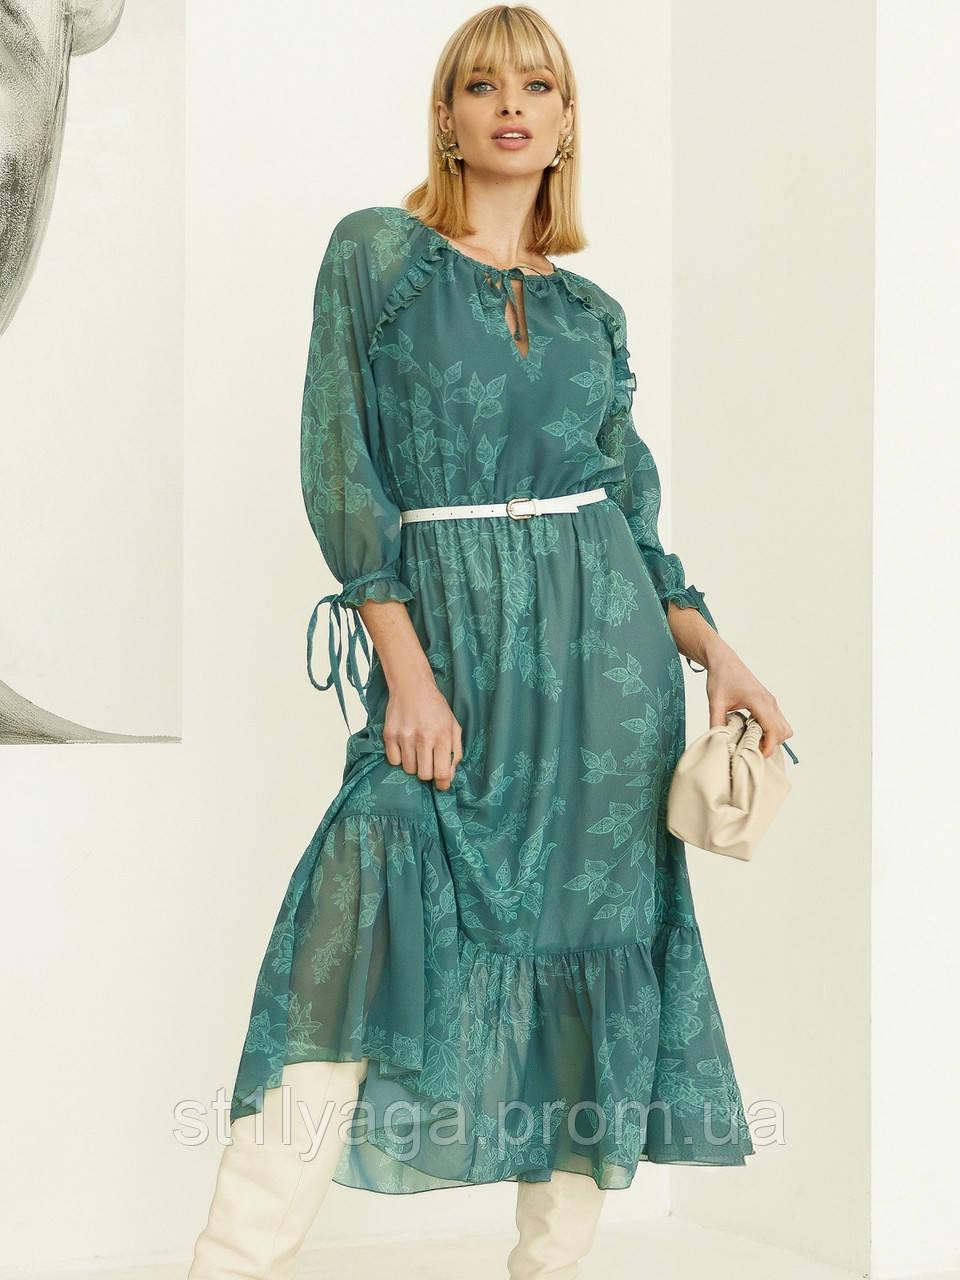 Шифоновое платье-миди с принтом и воланом по низу зелёное